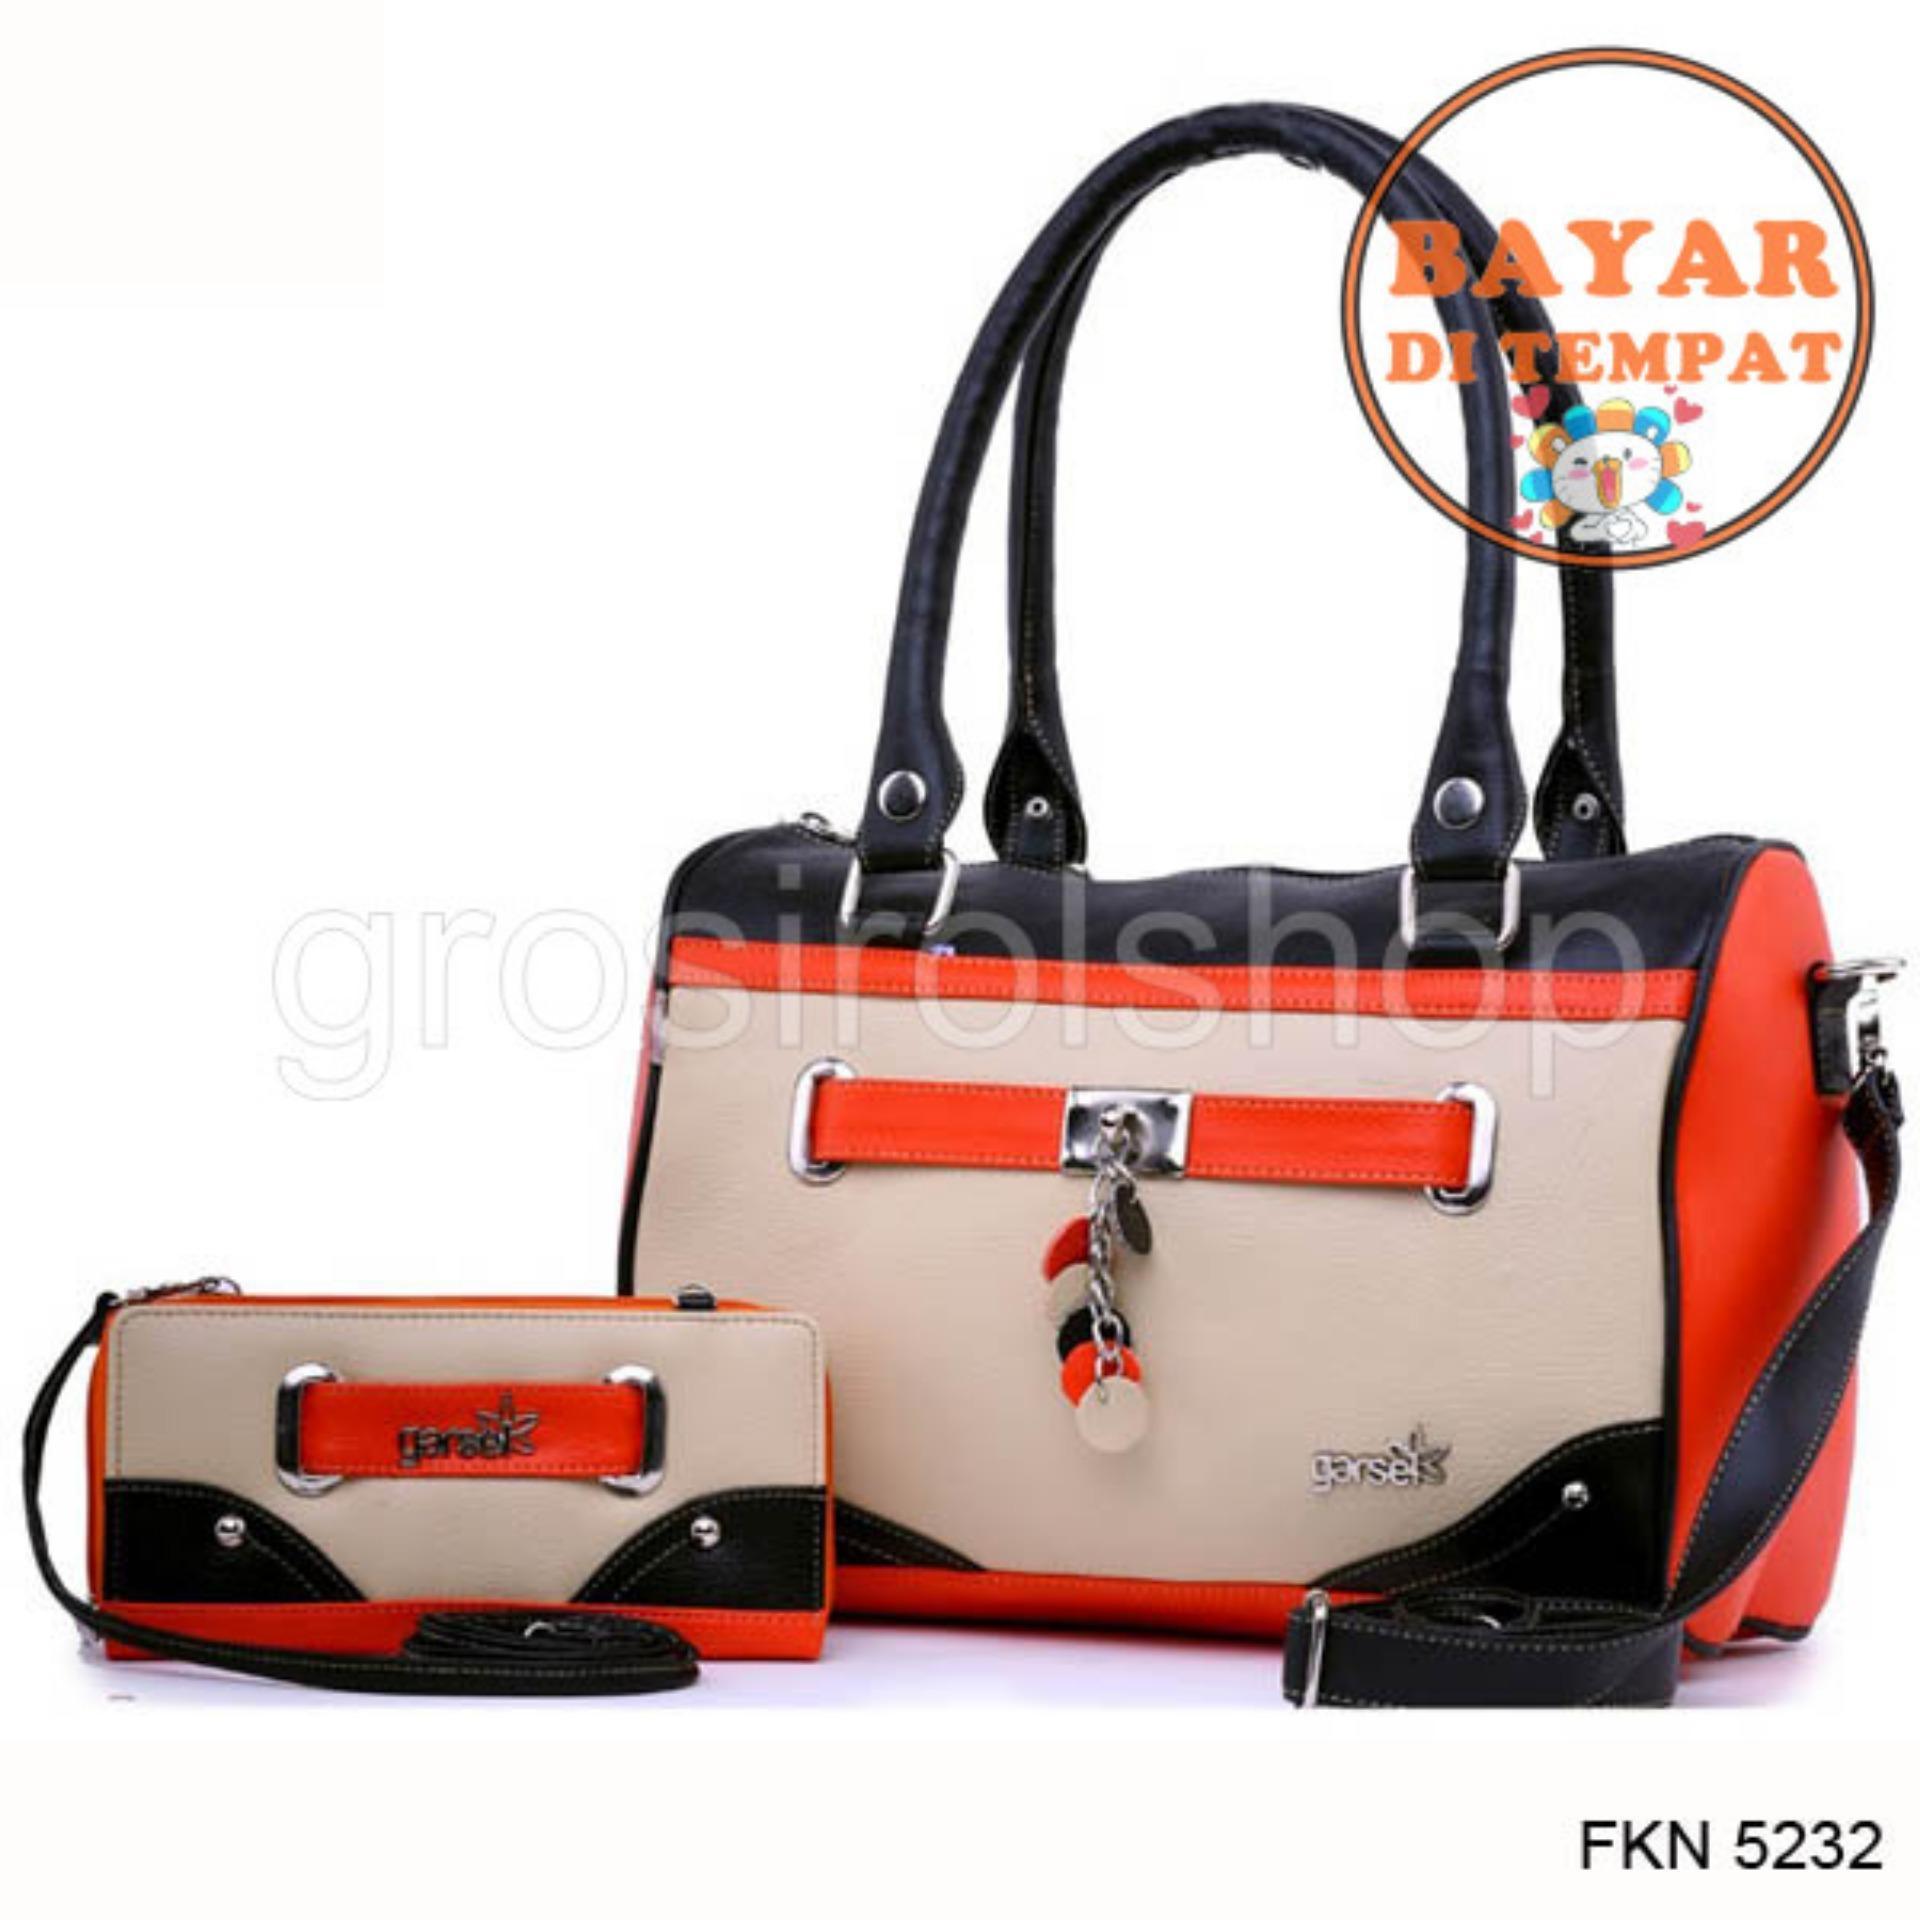 Fashion Tas Selempang / Handle Bag Wanita Wanita Premium Cantik Dan Modis Original Fkn 5232 -